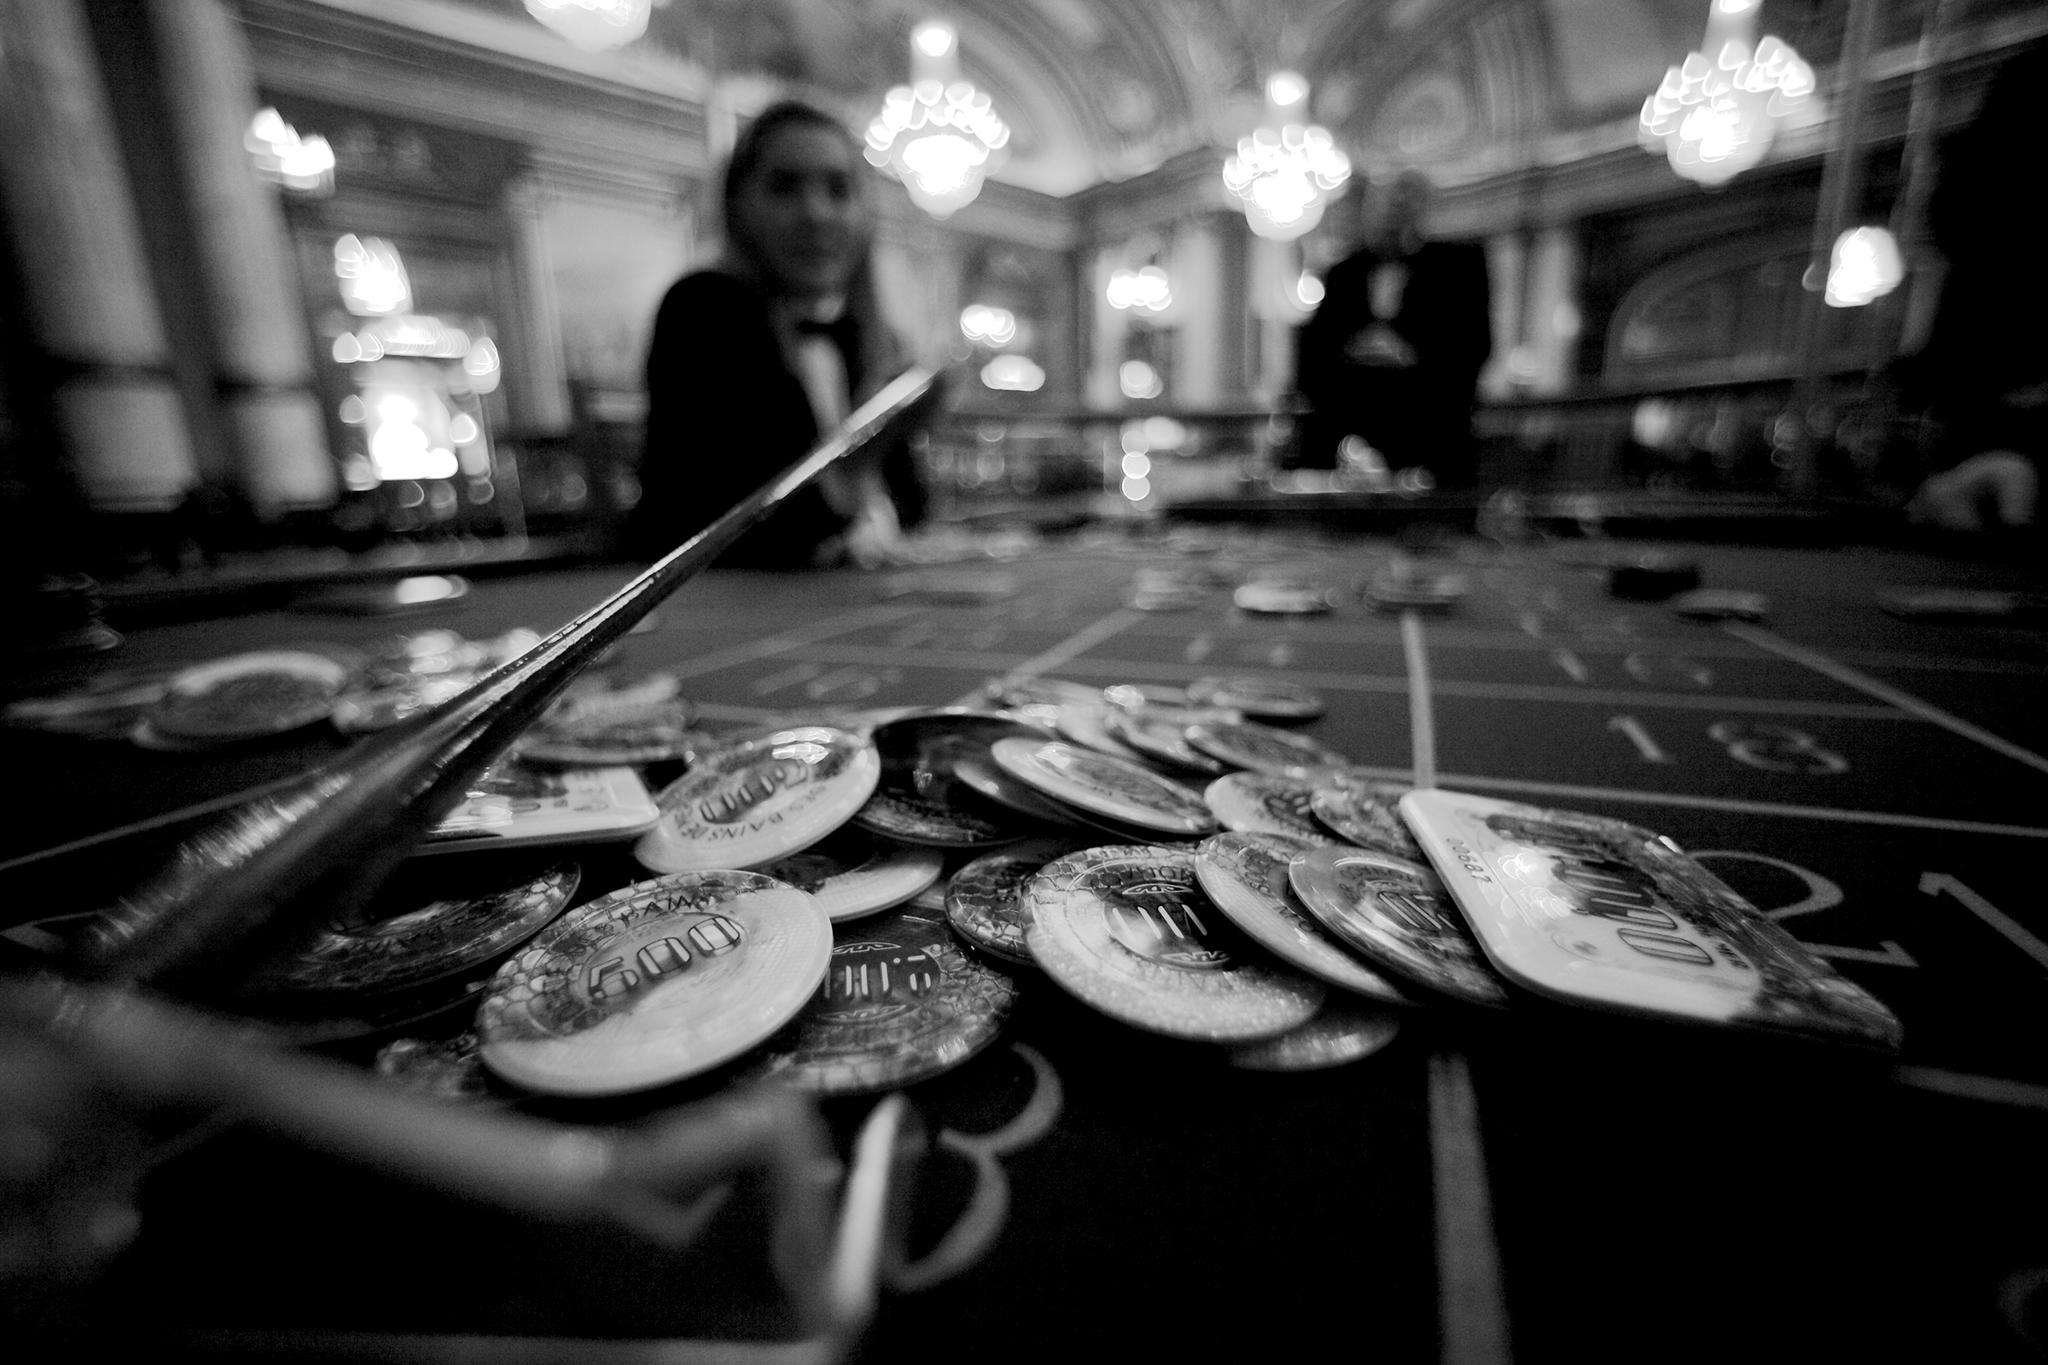 Vício | Jogo patológico é um problema invisível na terra dos casinos